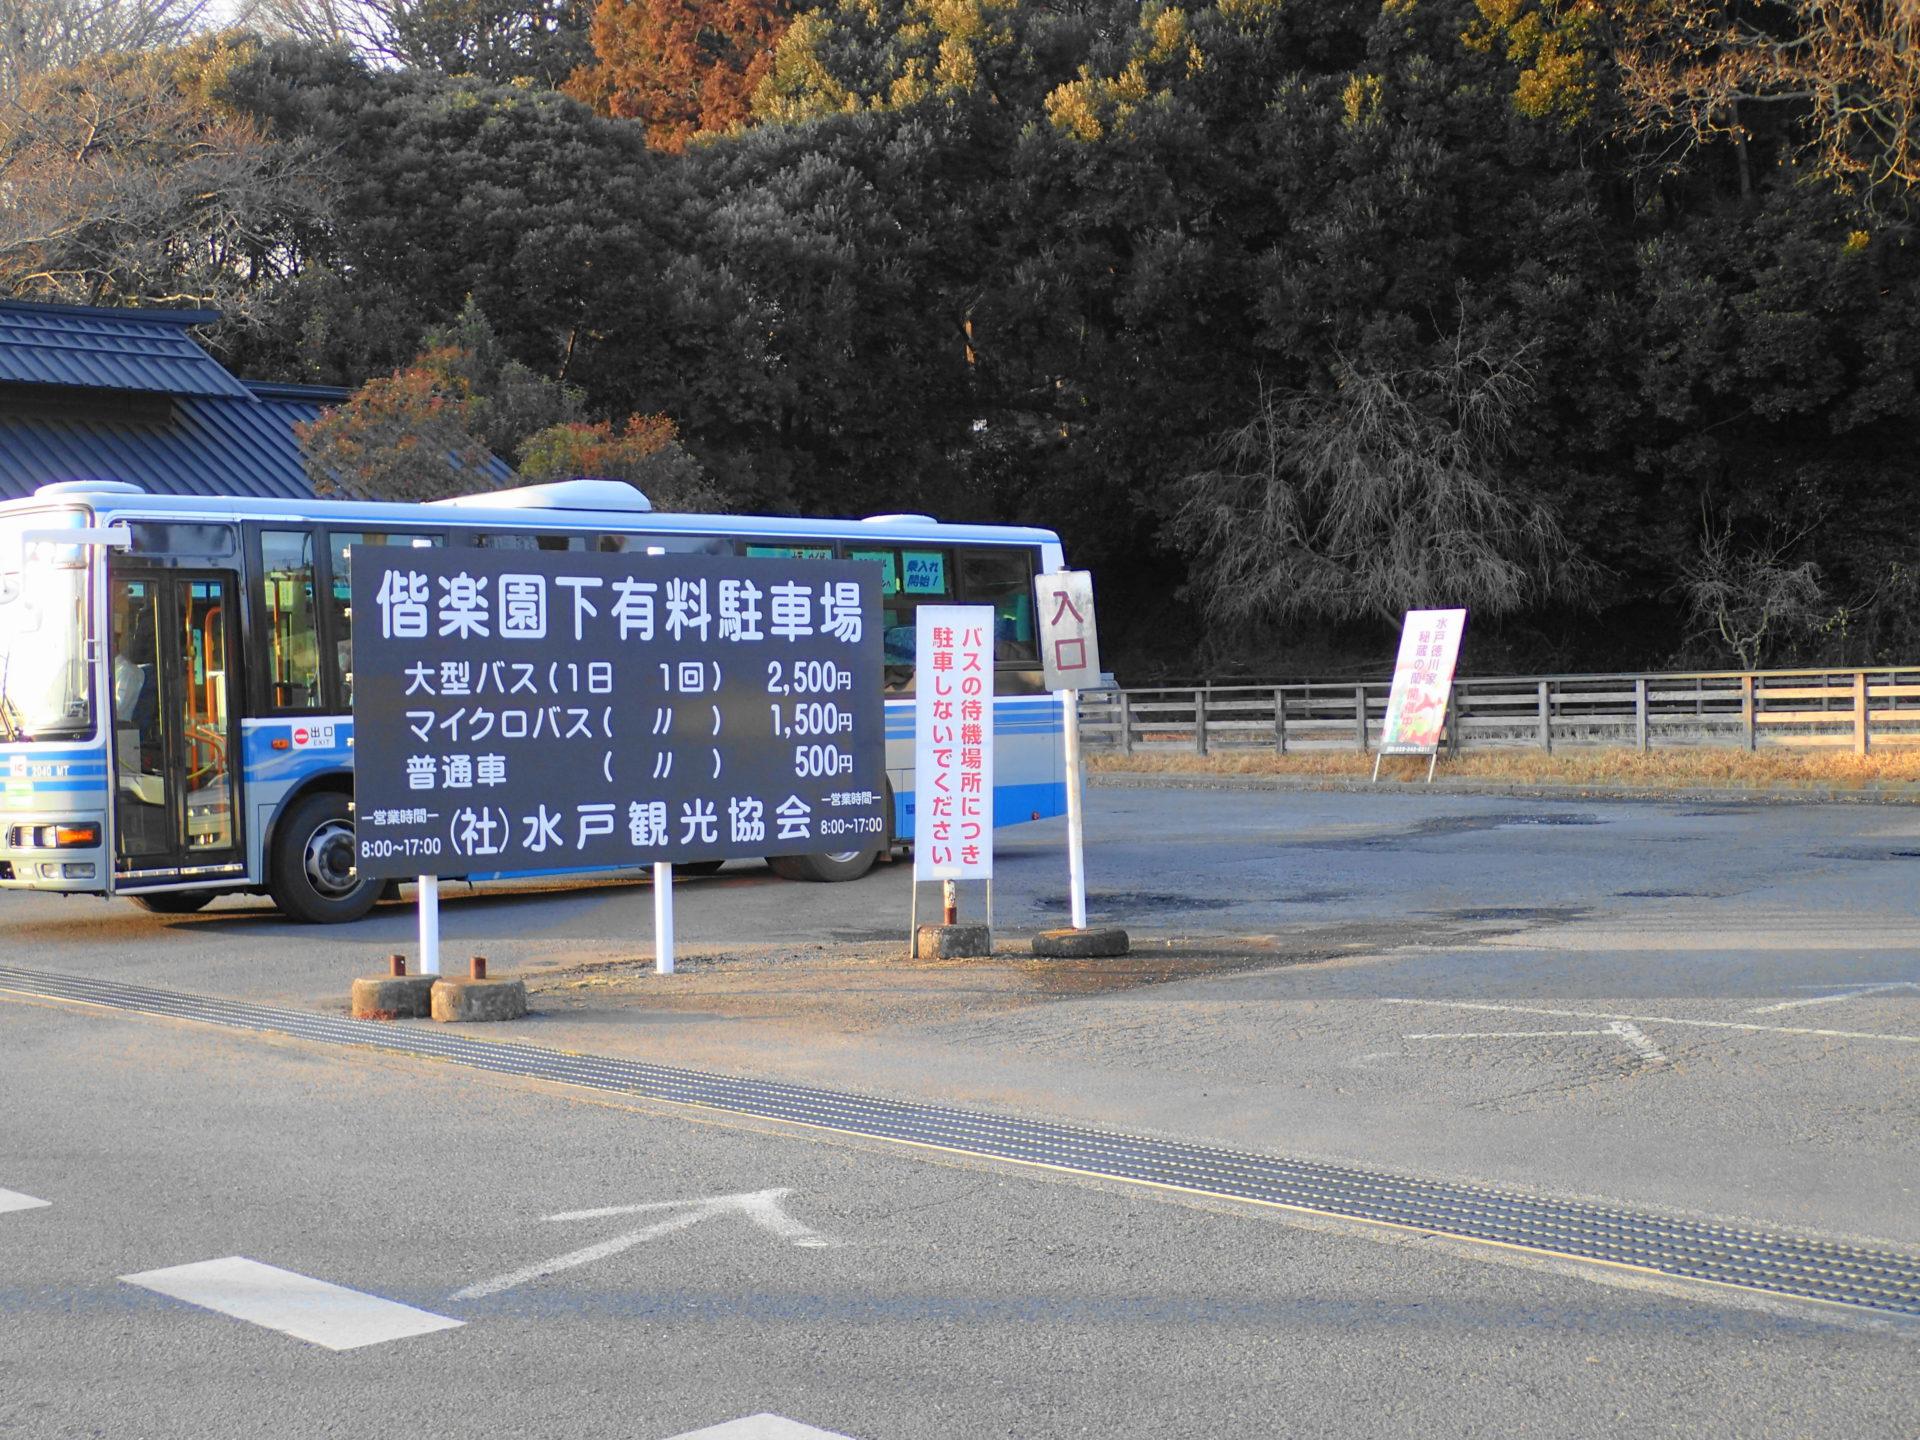 水戸梅まつり 2020 |偕楽園と会場周辺の駐車場まとめ - いばらじお♪